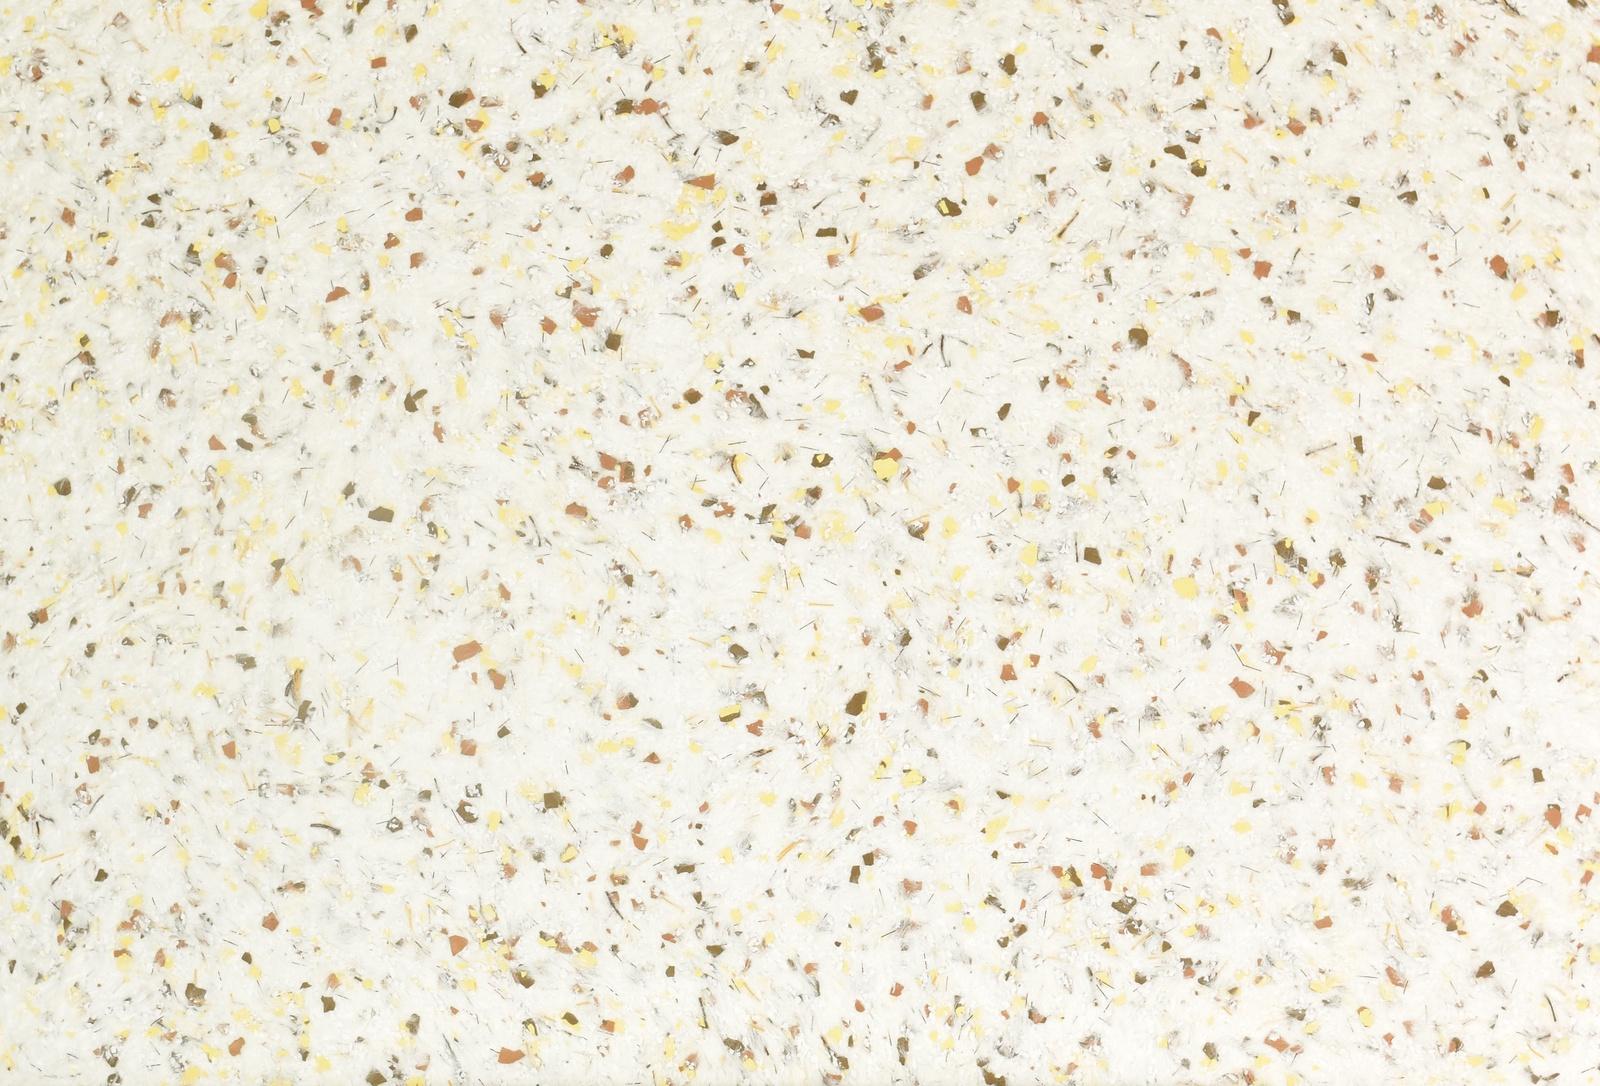 Жидкие обои SILK PLASTER СилкЛайн Норд 922 1,238кгSLP-49Шелковая штукатурка, нежного кремового цвета с точечным вкраплением желтого и коричневого. Этот оттенок будет хорошо смотреться в интерьере кухни или столовой комнаты, а также гостиной, используется в спальне, ванне или в офисе. Эти материалы отлично подойдут для дизайна комнат в стиле классики, барокко и просто для создания уюта и комфорта в вашем доме. Ненавязчивый цвет надолго визуально освежит помещение и обеспечит жильцам отличное настроение. Расход 1 упаковка на 3,5 кв.м.